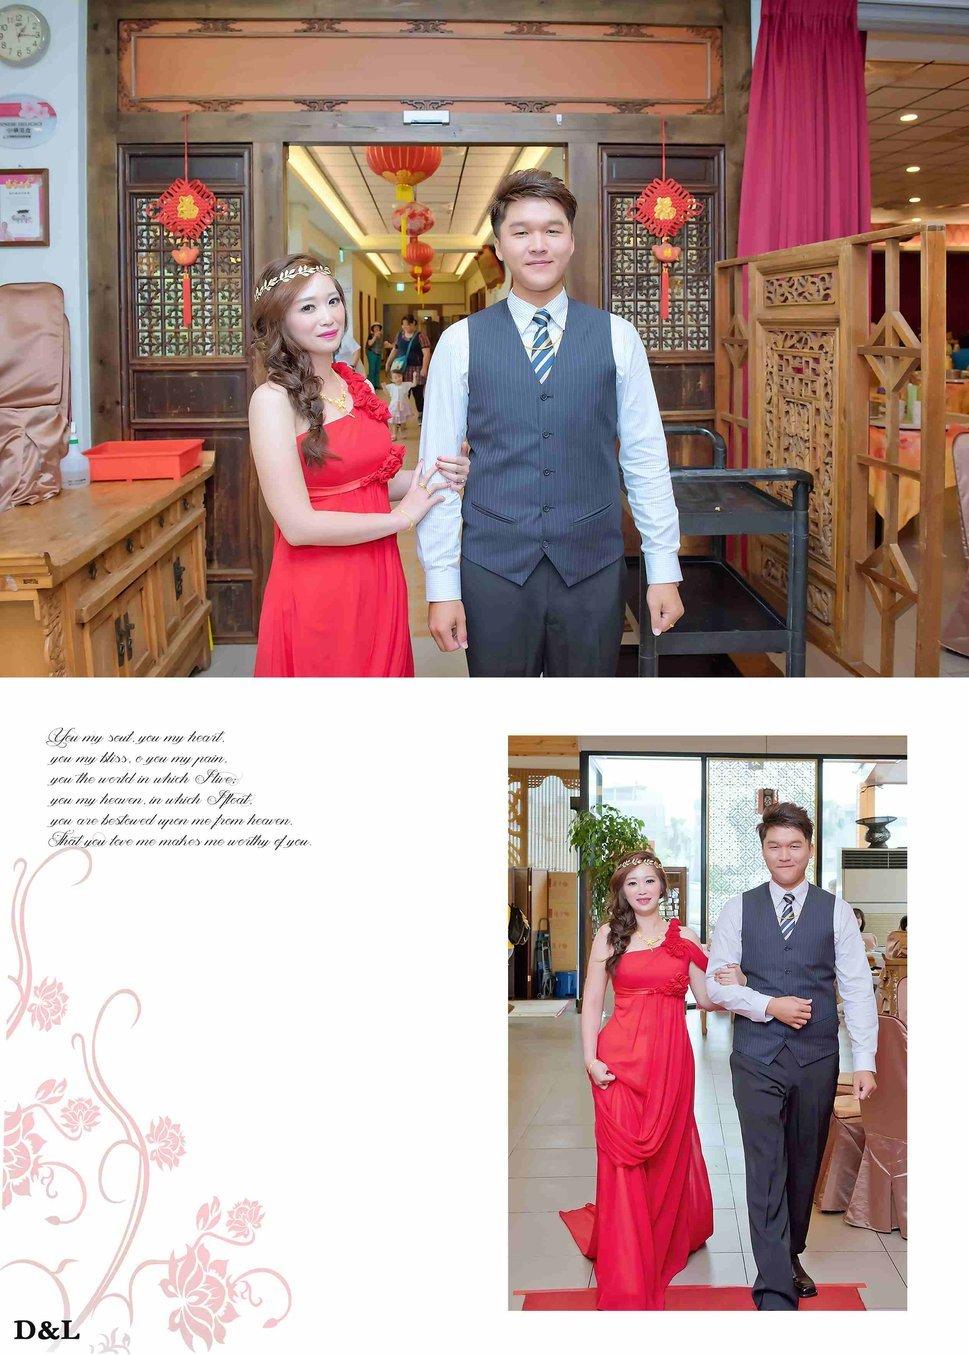 婚禮記錄-俊明&少怡(編號:248828) - D&L 婚禮事務-婚禮攝影/婚紗寫真 - 結婚吧一站式婚禮服務平台